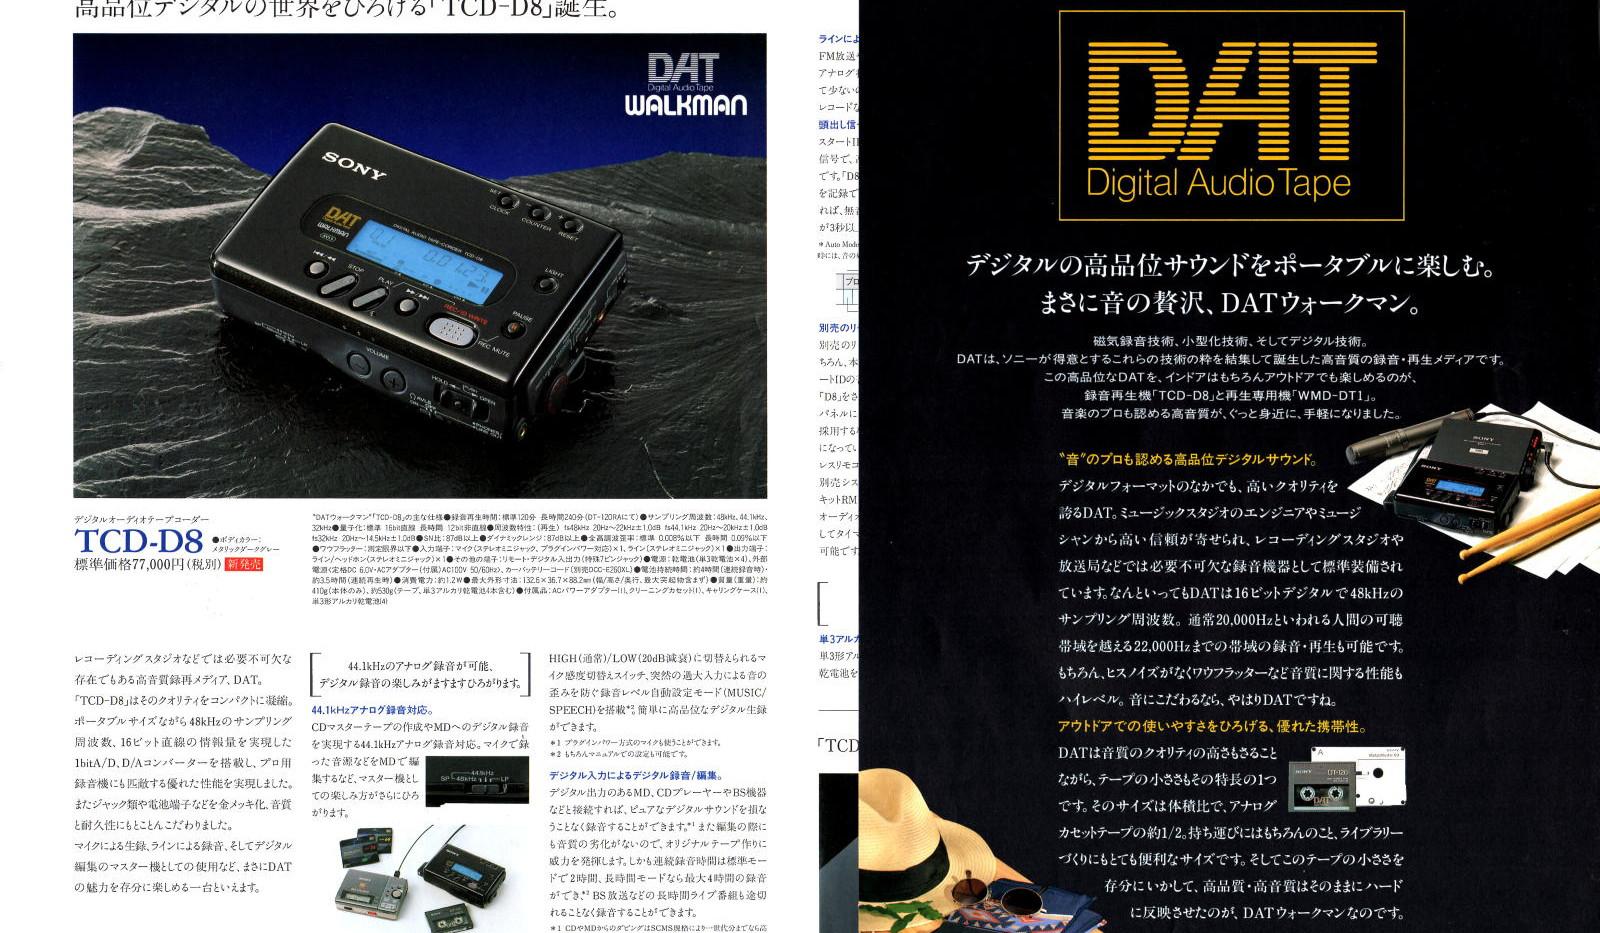 19951.9-TCD-D8-WMD-DT1-DC.jpg